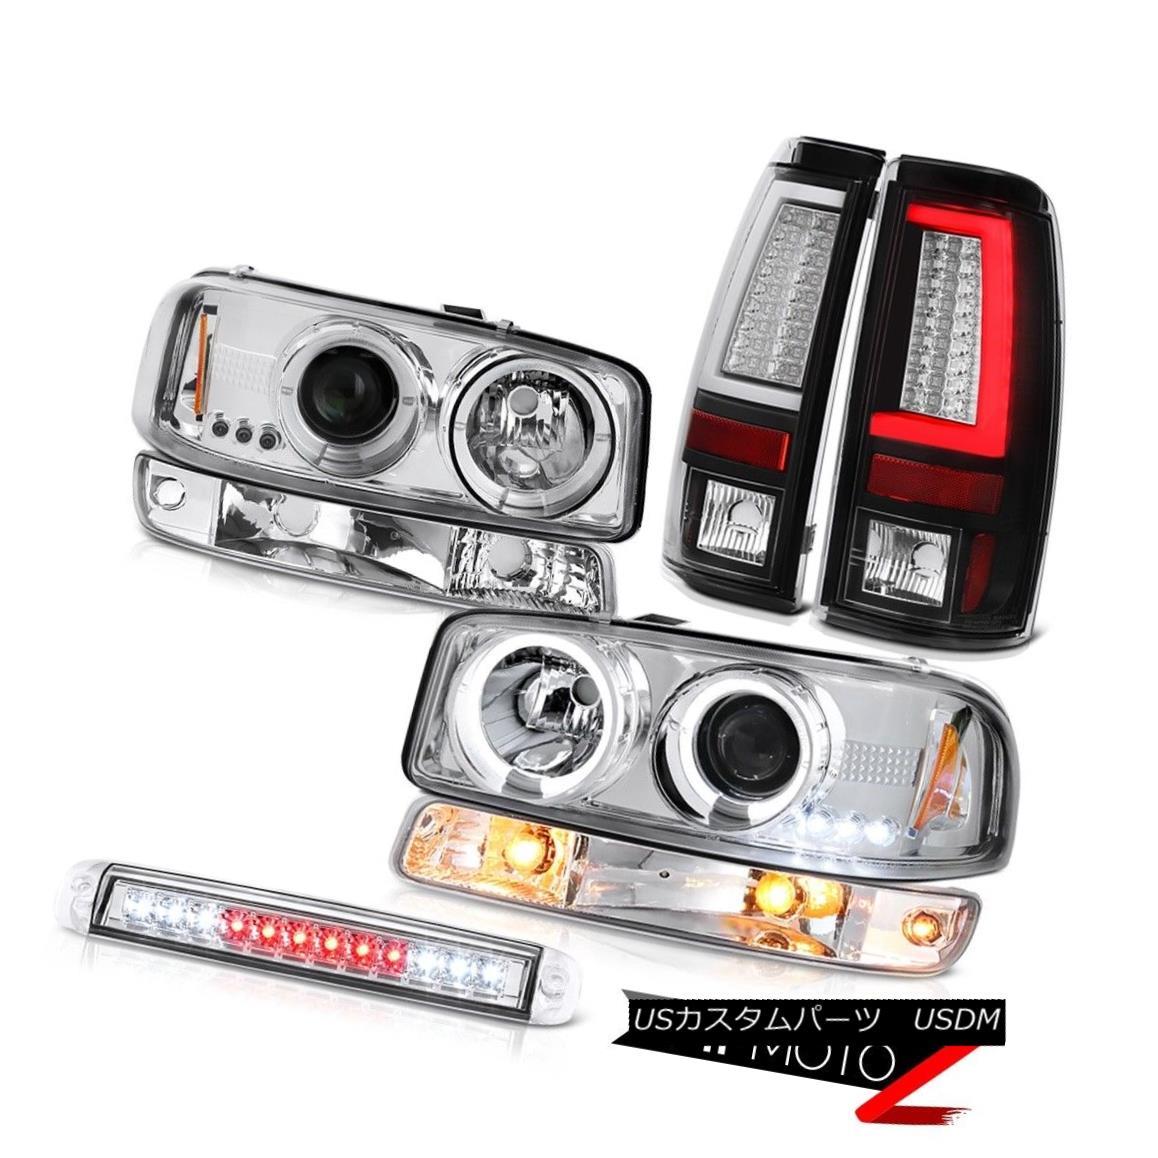 テールライト 99-06 Sierra 5.3L Taillamps Roof Brake Light Signal Lamp Headlamps Angel Eyes 99-06 Sierra 5.3L Taillampsルーフブレーキライトシグナルランプヘッドランプエンジェルアイズ